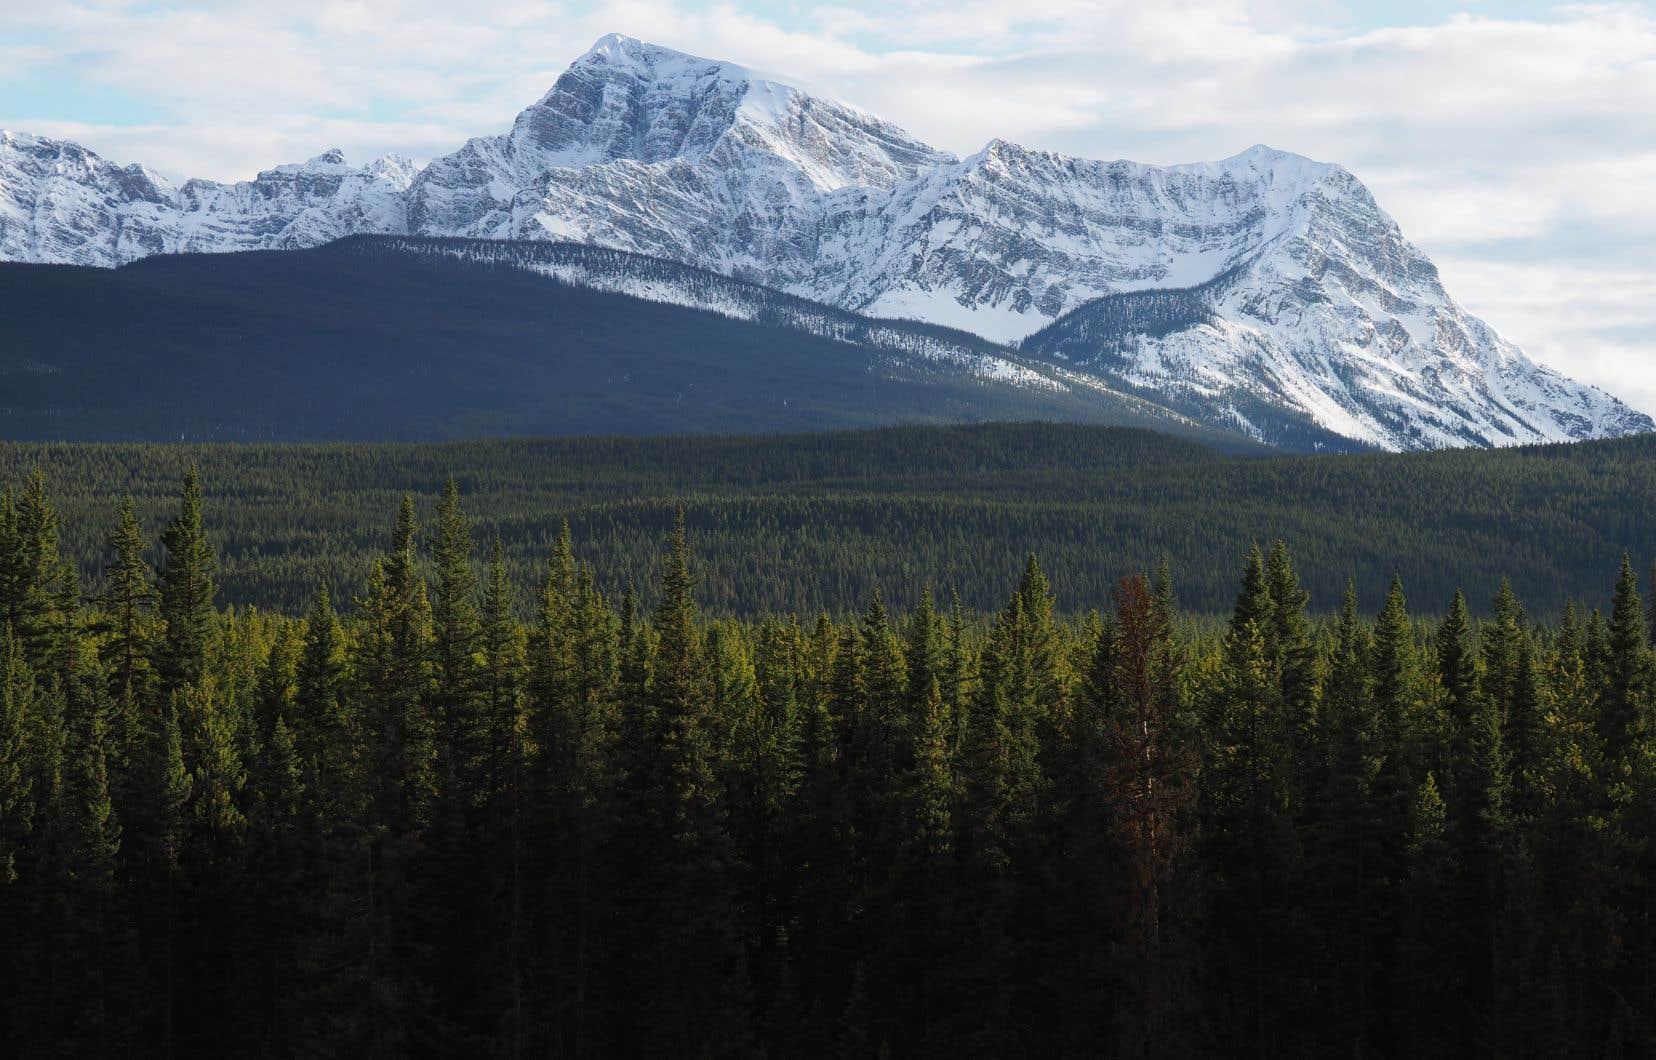 Le parc national de Banff, en Alberta. Le gouvernement fédéral s'engage à protéger au moins 17% du territoire canadien d'ici 2020, alors que ce taux atteint présentement 10,6%.